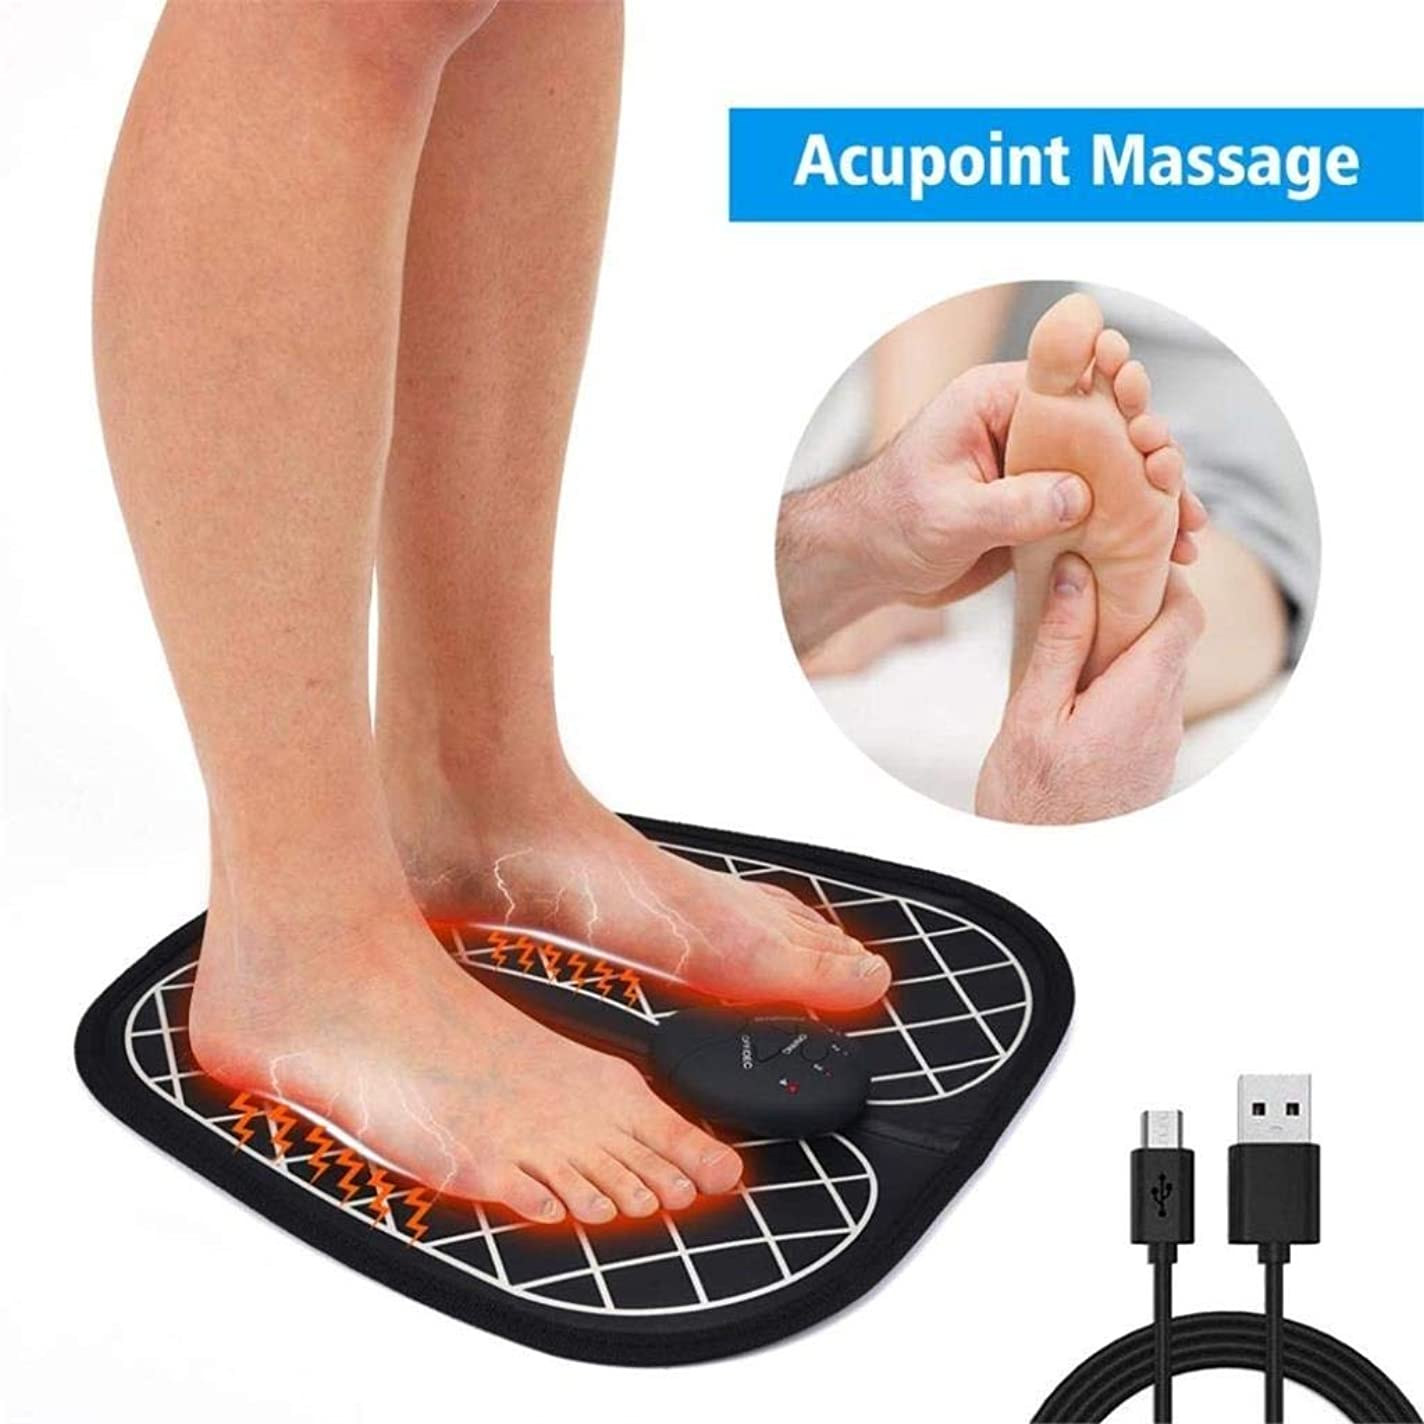 批判的ゆりドナウ川フットマッサージャー-インテリジェントなフットマッサージパッド、筋肉をリラックスさせ、痛みを和らげ、持ち運びが簡単な自動フット振動マッサージ機